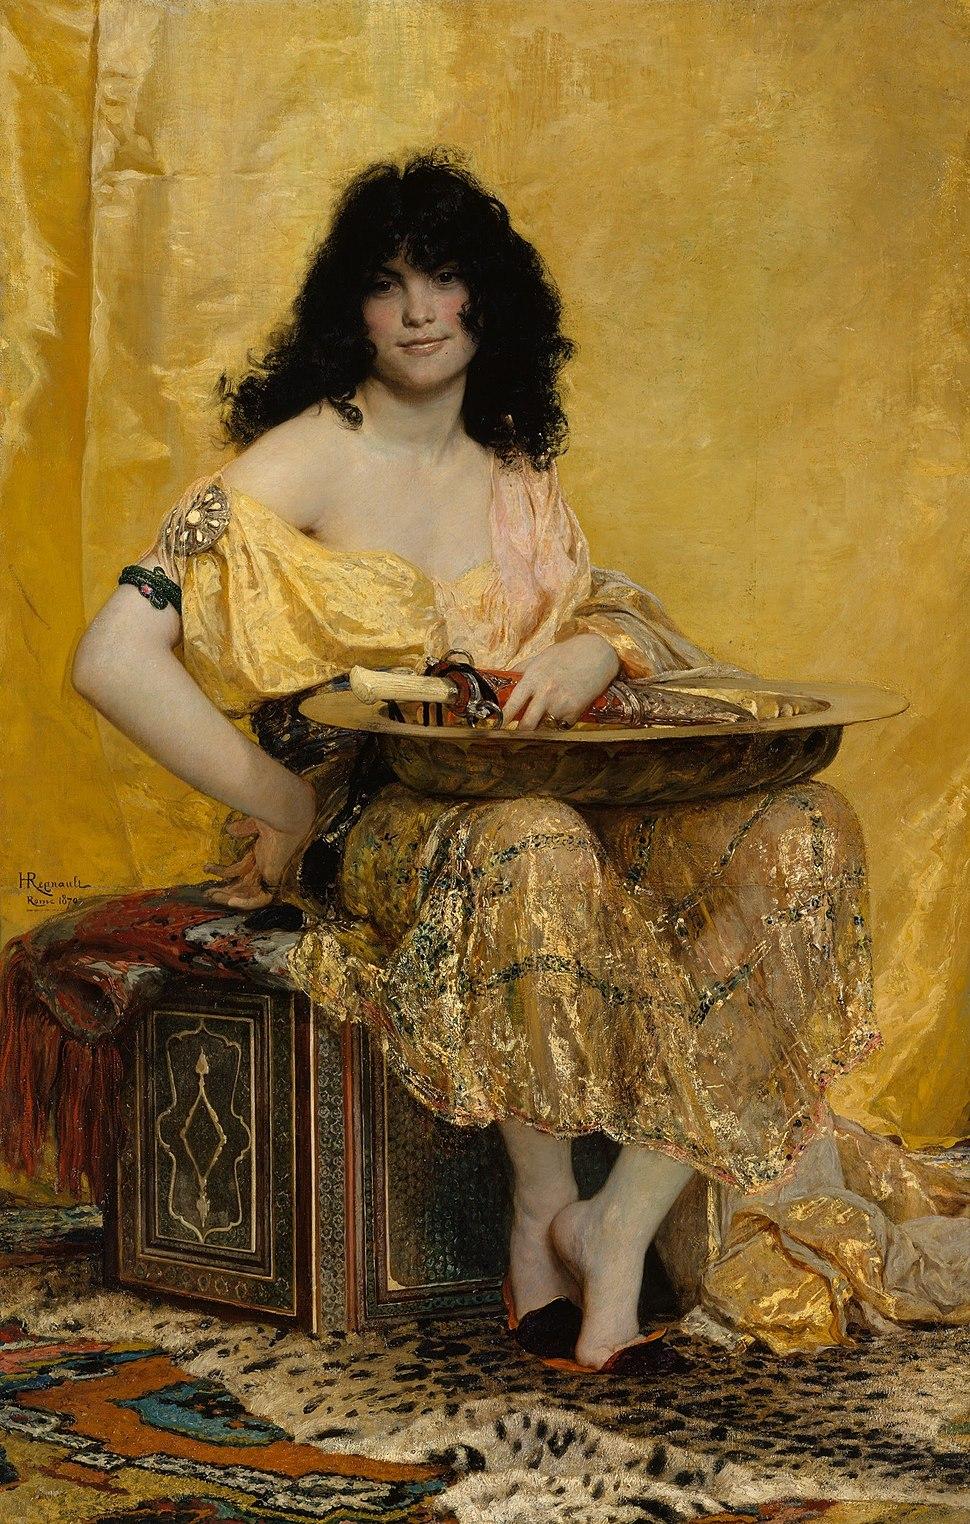 Henri Regnault (French, Paris 1843–1871 Buzenval) - Salomé - Google Art Project